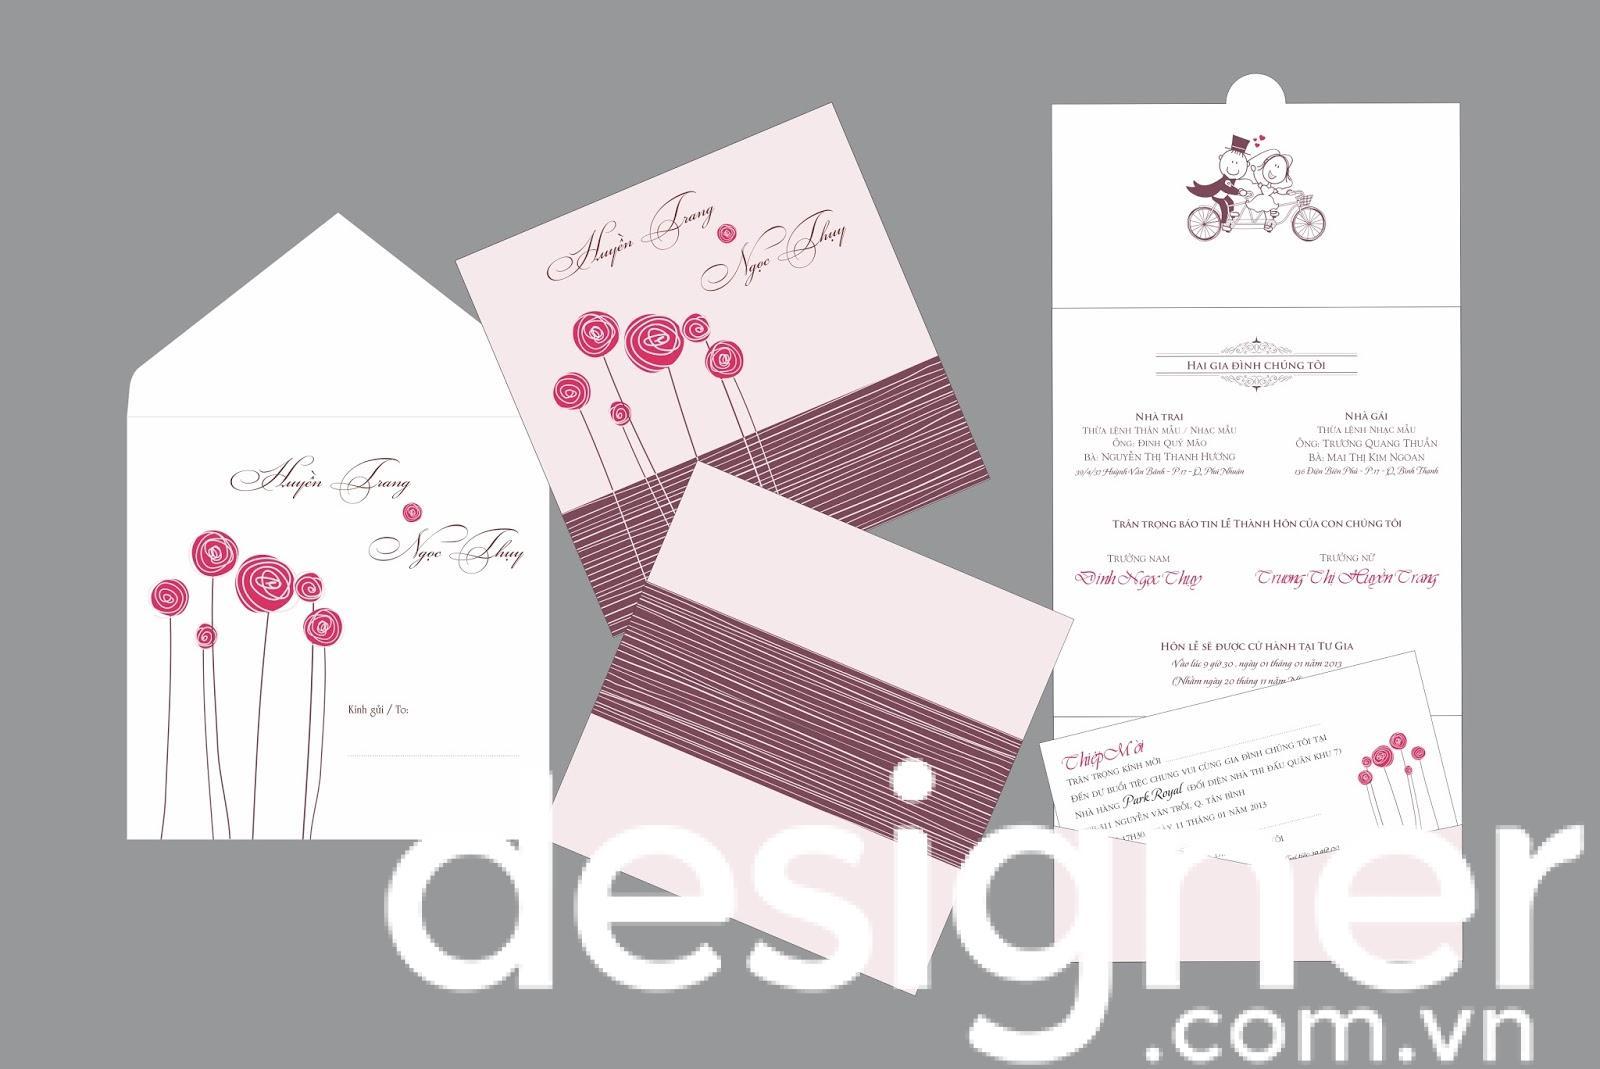 Top 4 phong cách thiết kế bao bì thiệp